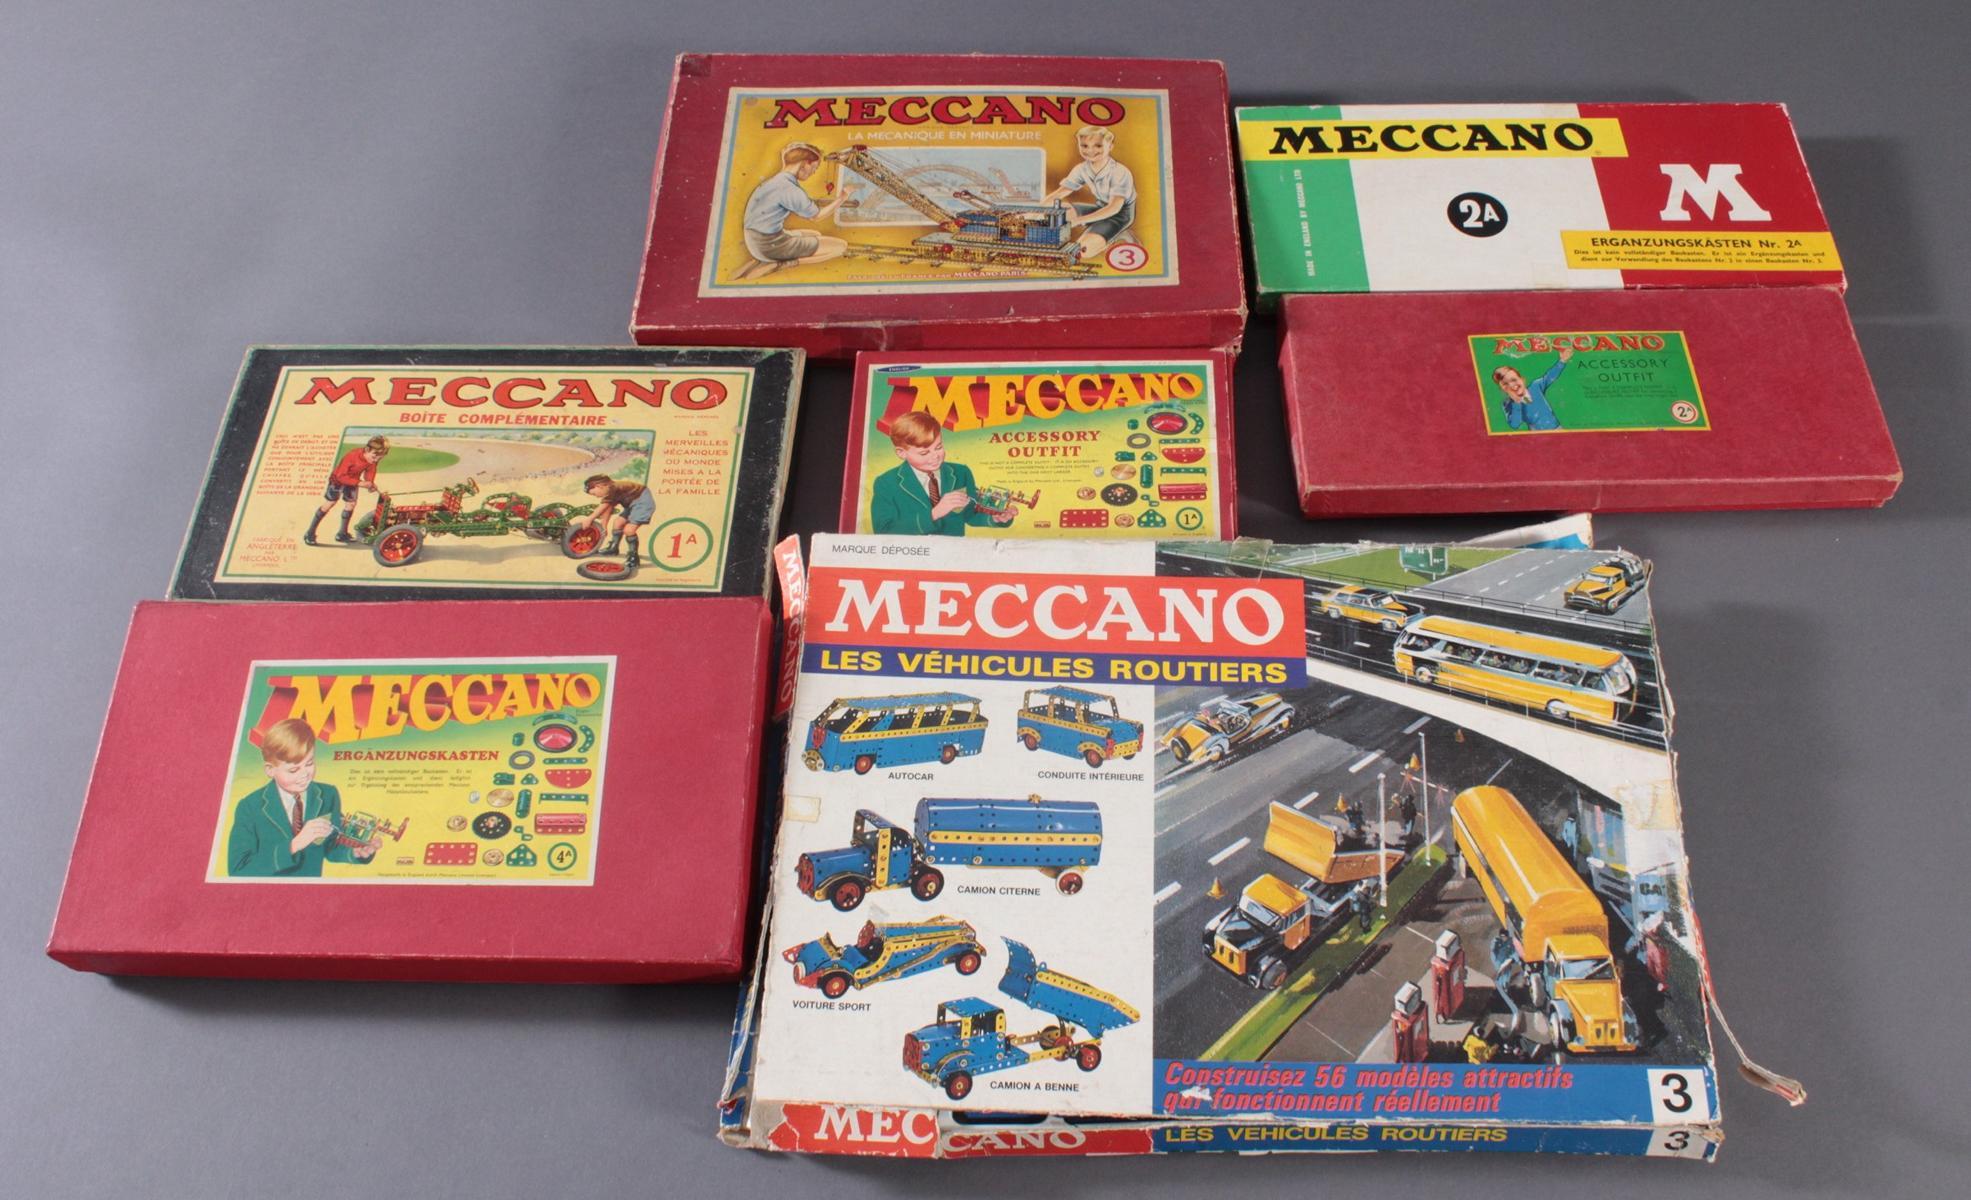 MECCANO Metallbaukästen